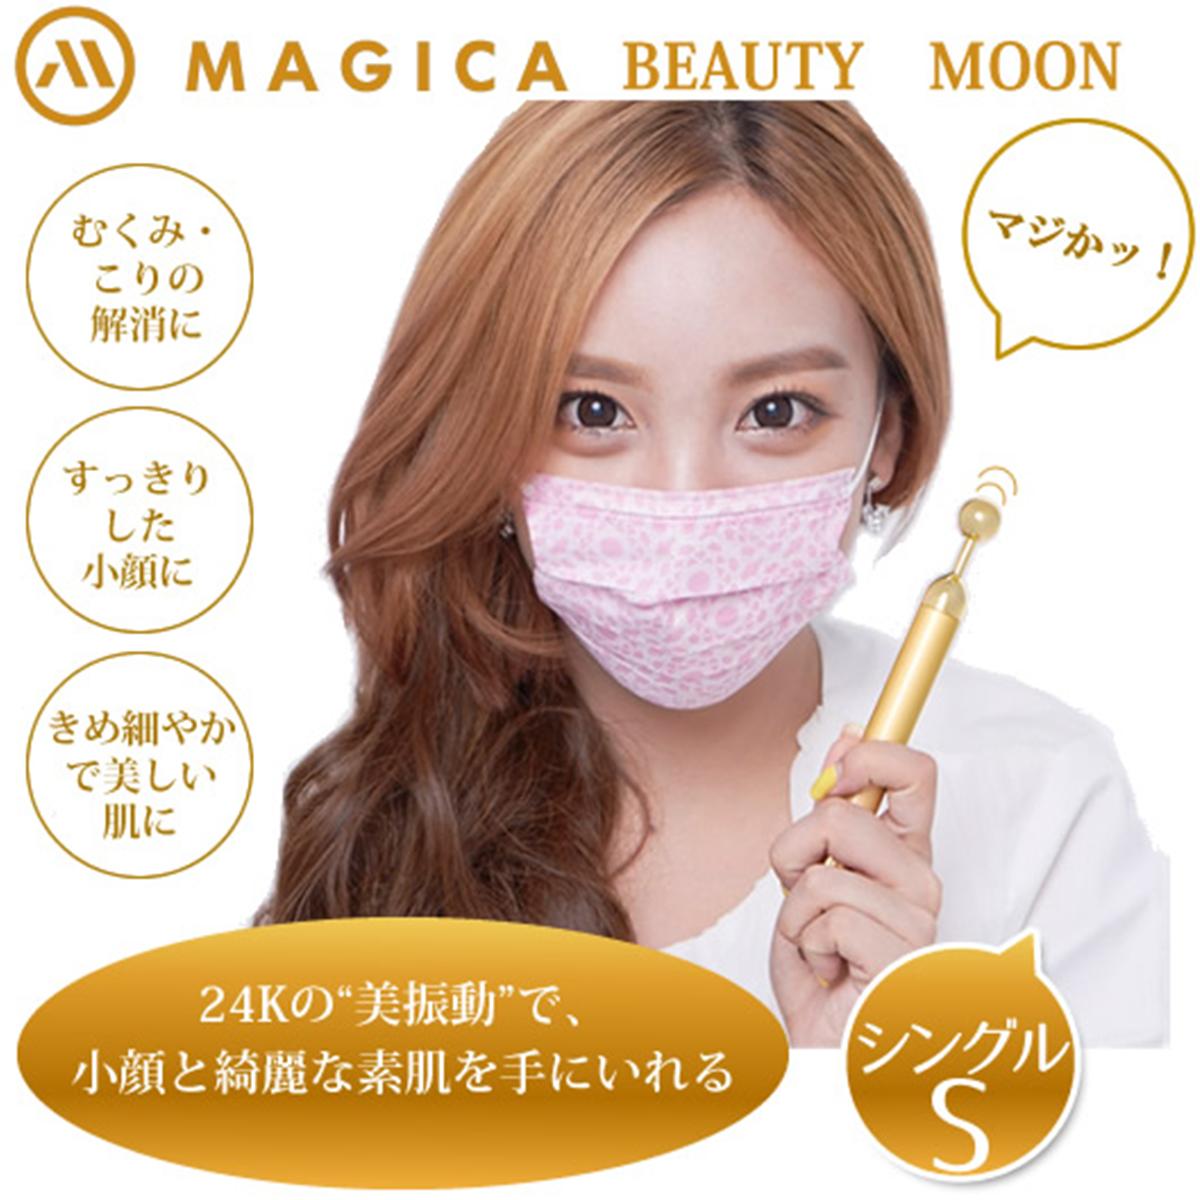 マジカ ビューティームーン【シングル】 MAGICA Beauty Moon Single